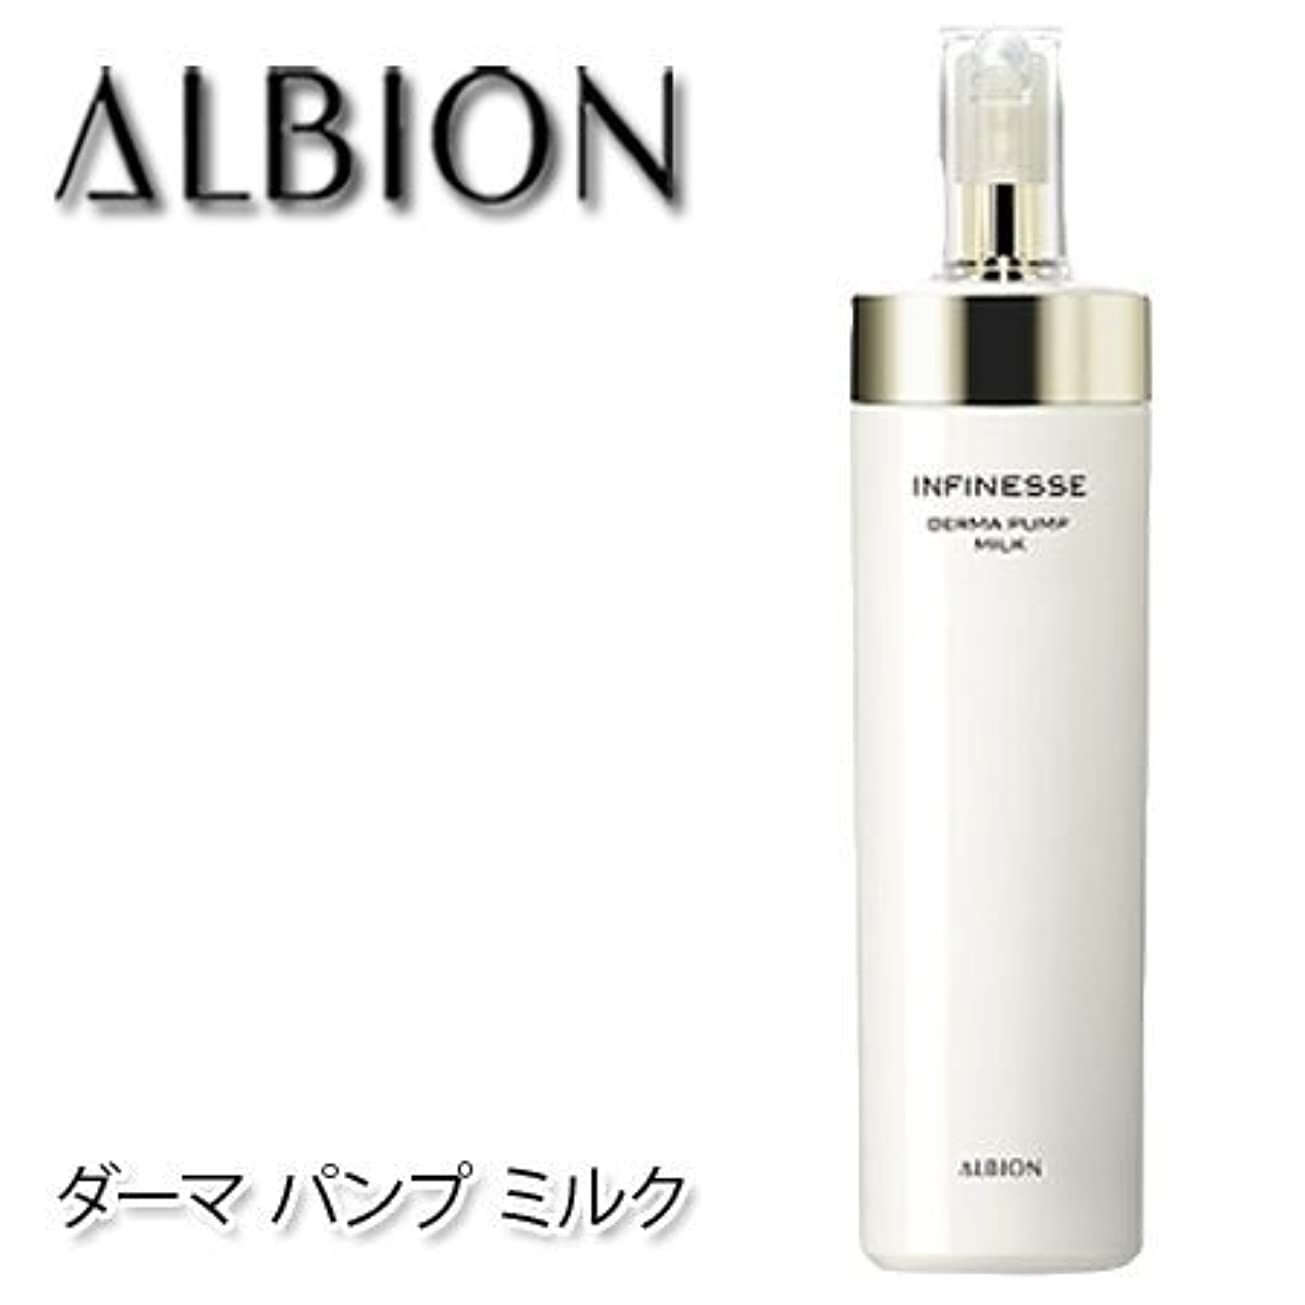 ケーブルカー導入する留め金アルビオン アンフィネス ダーマ パンプ ミルク 200g-ALBION-